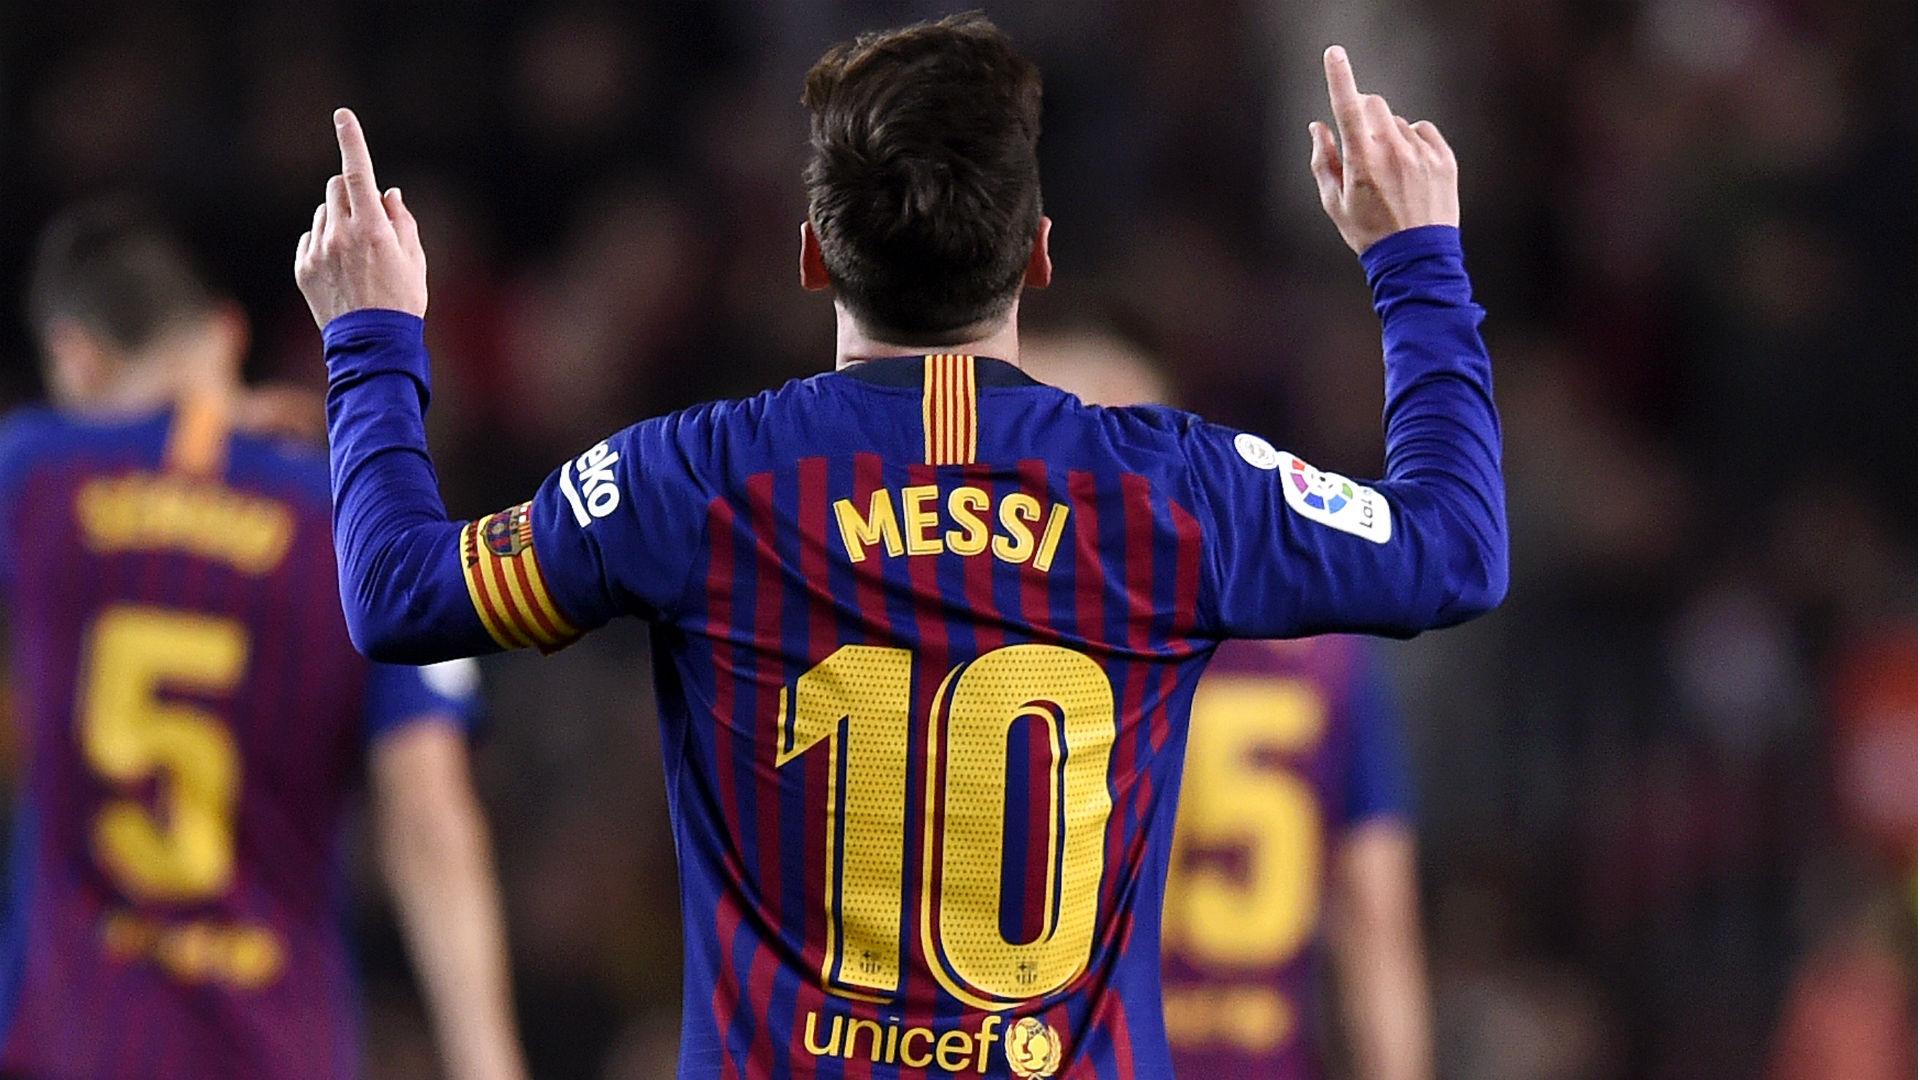 Messi-cropped_z9avgby07cnb1897taw1xfxdq